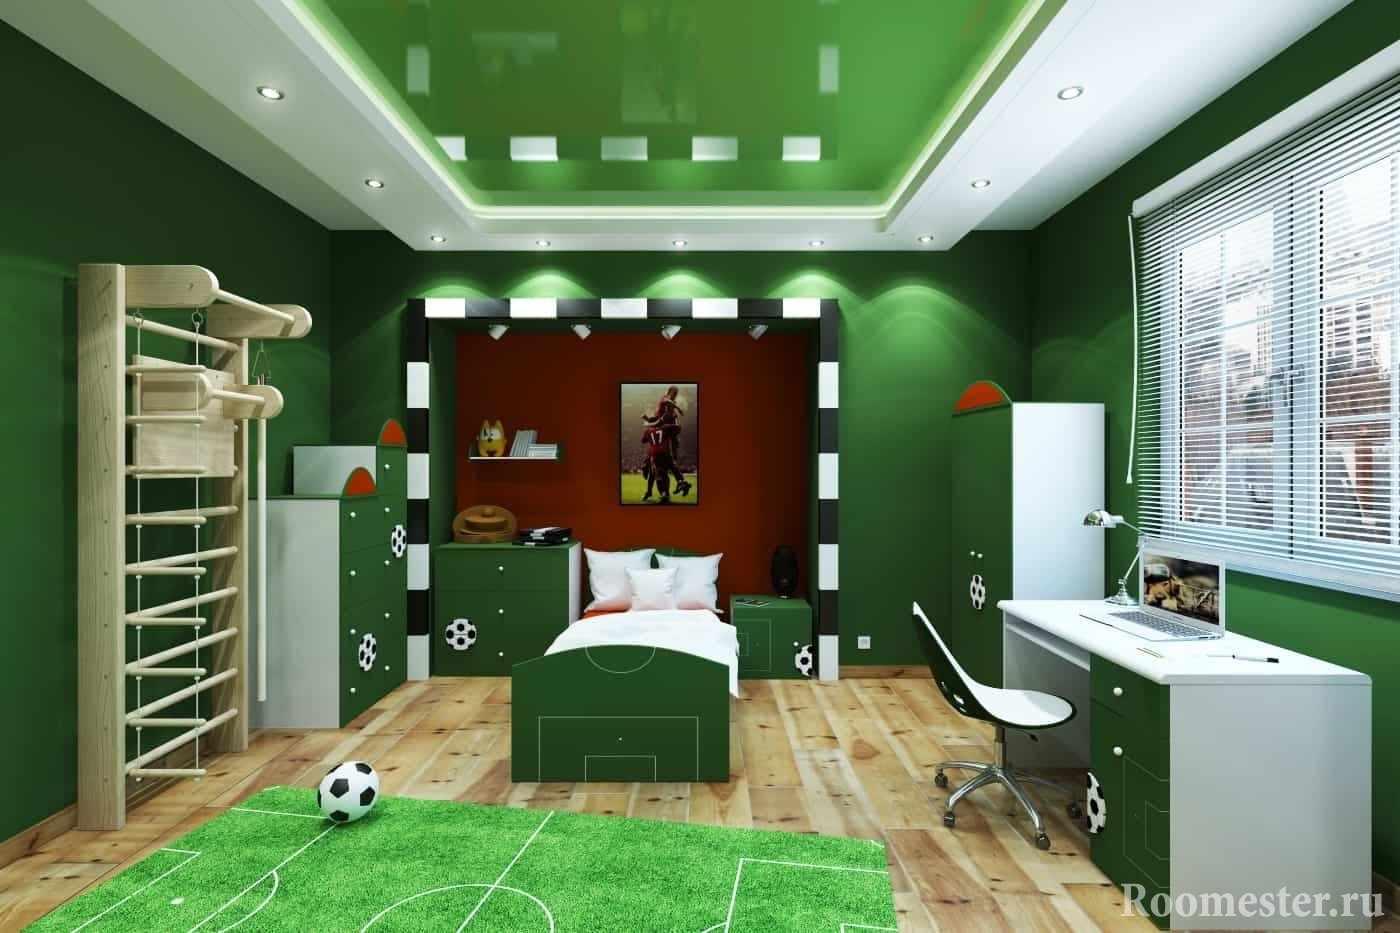 Зеленая комната - футбольное поле